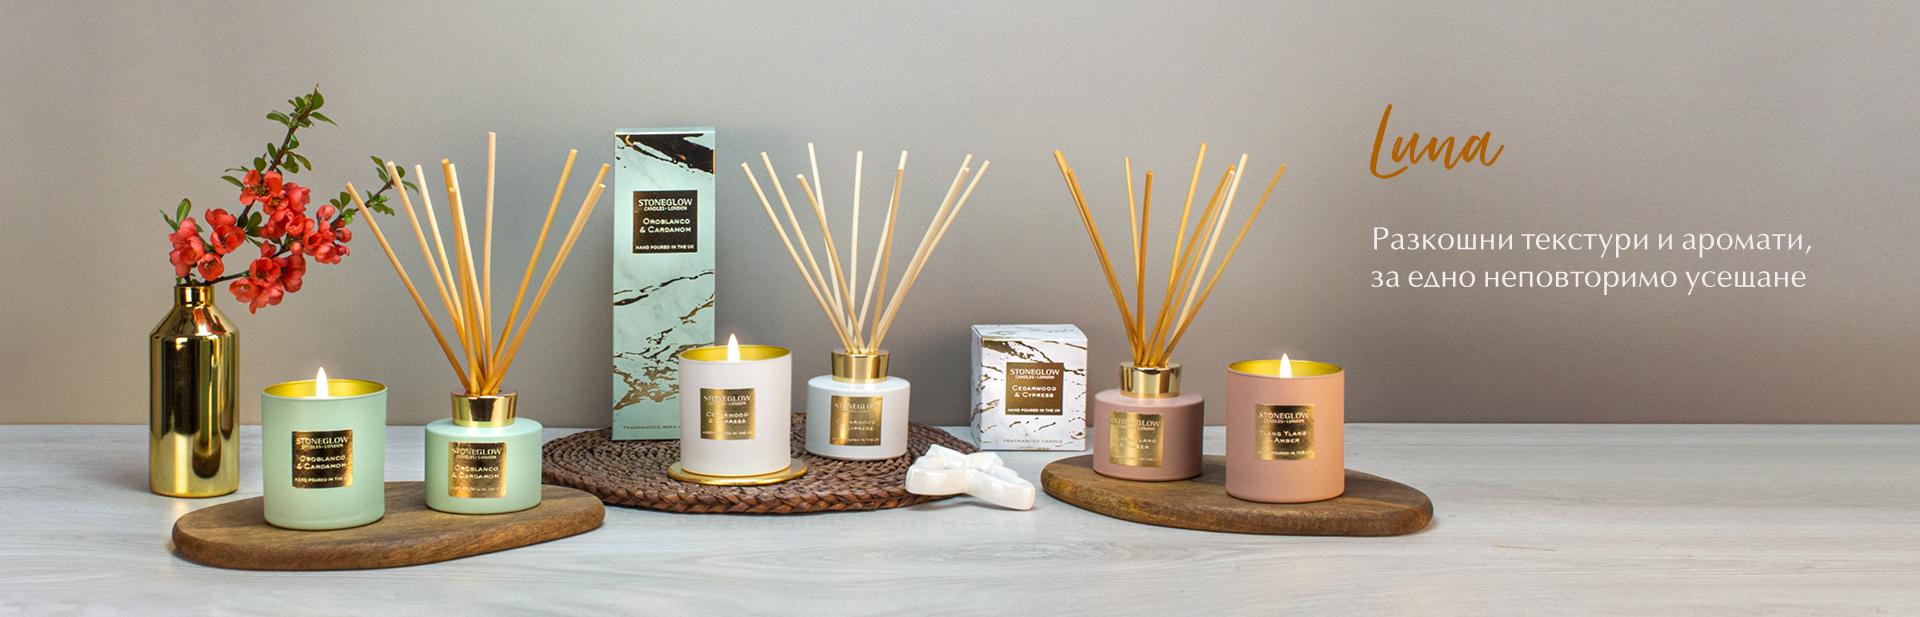 Луксозни ароматни свещи и дифузери в кутия за подарък.